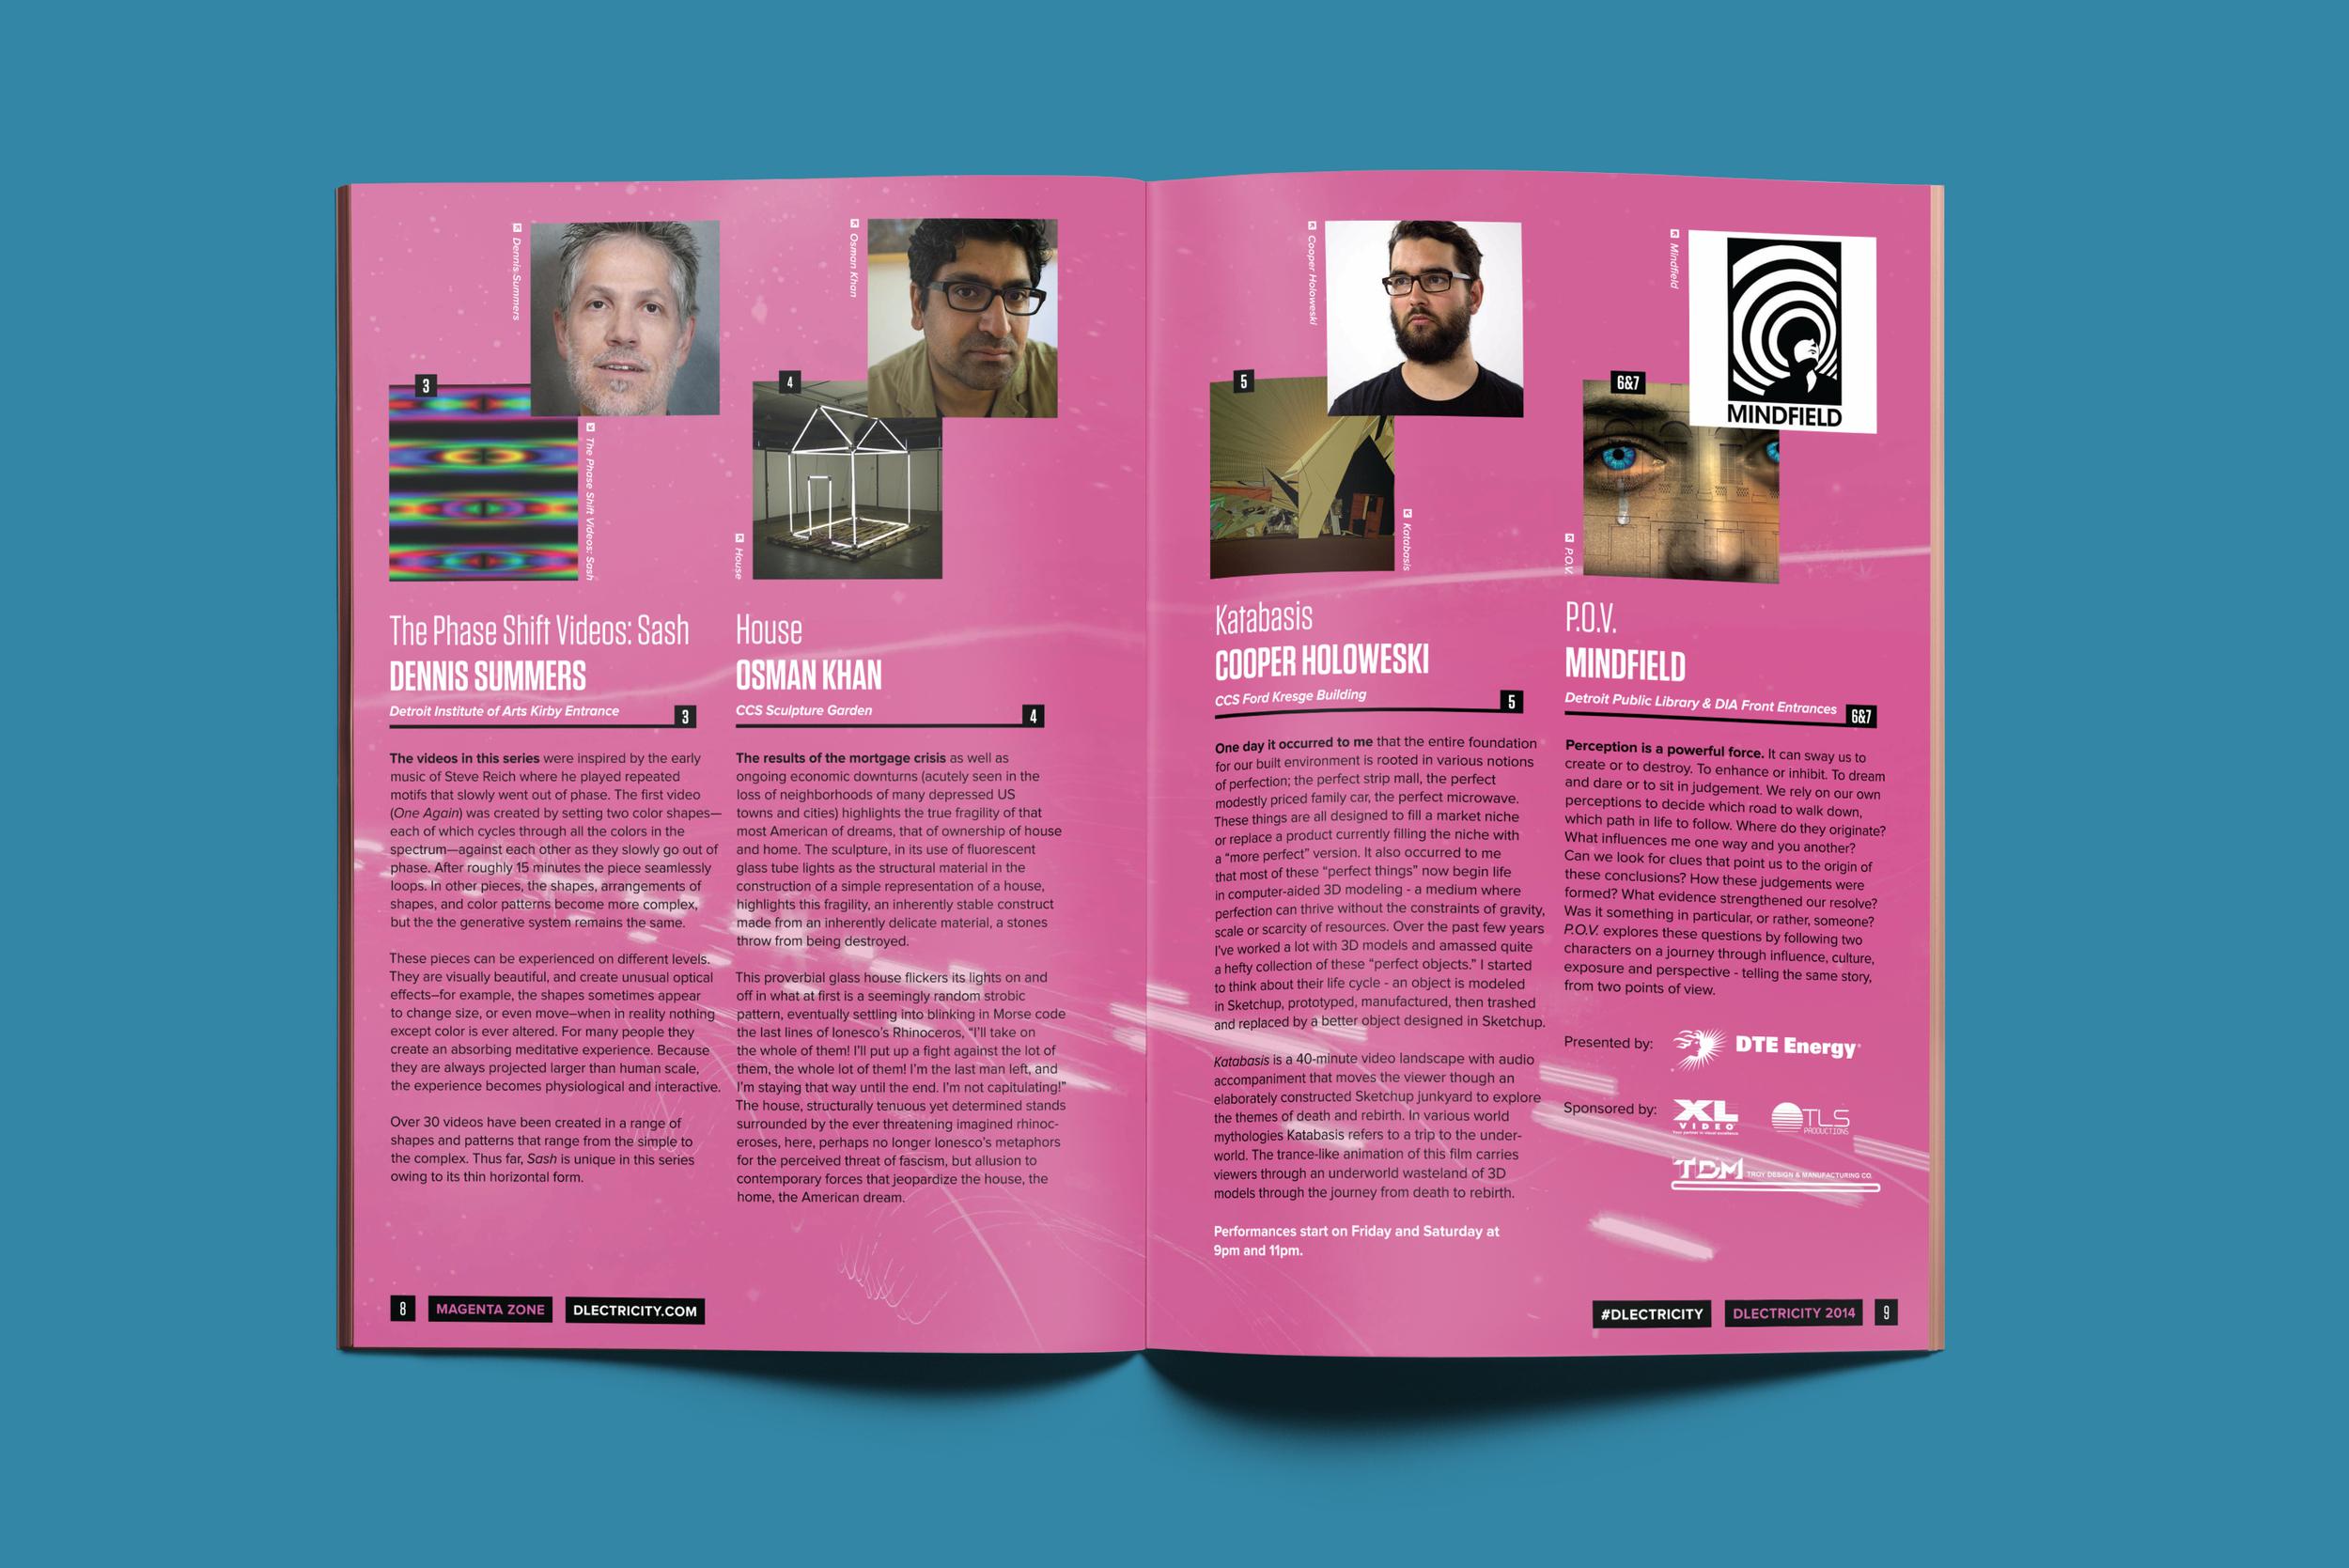 Program_Guide_Interior_4Artists.jpg